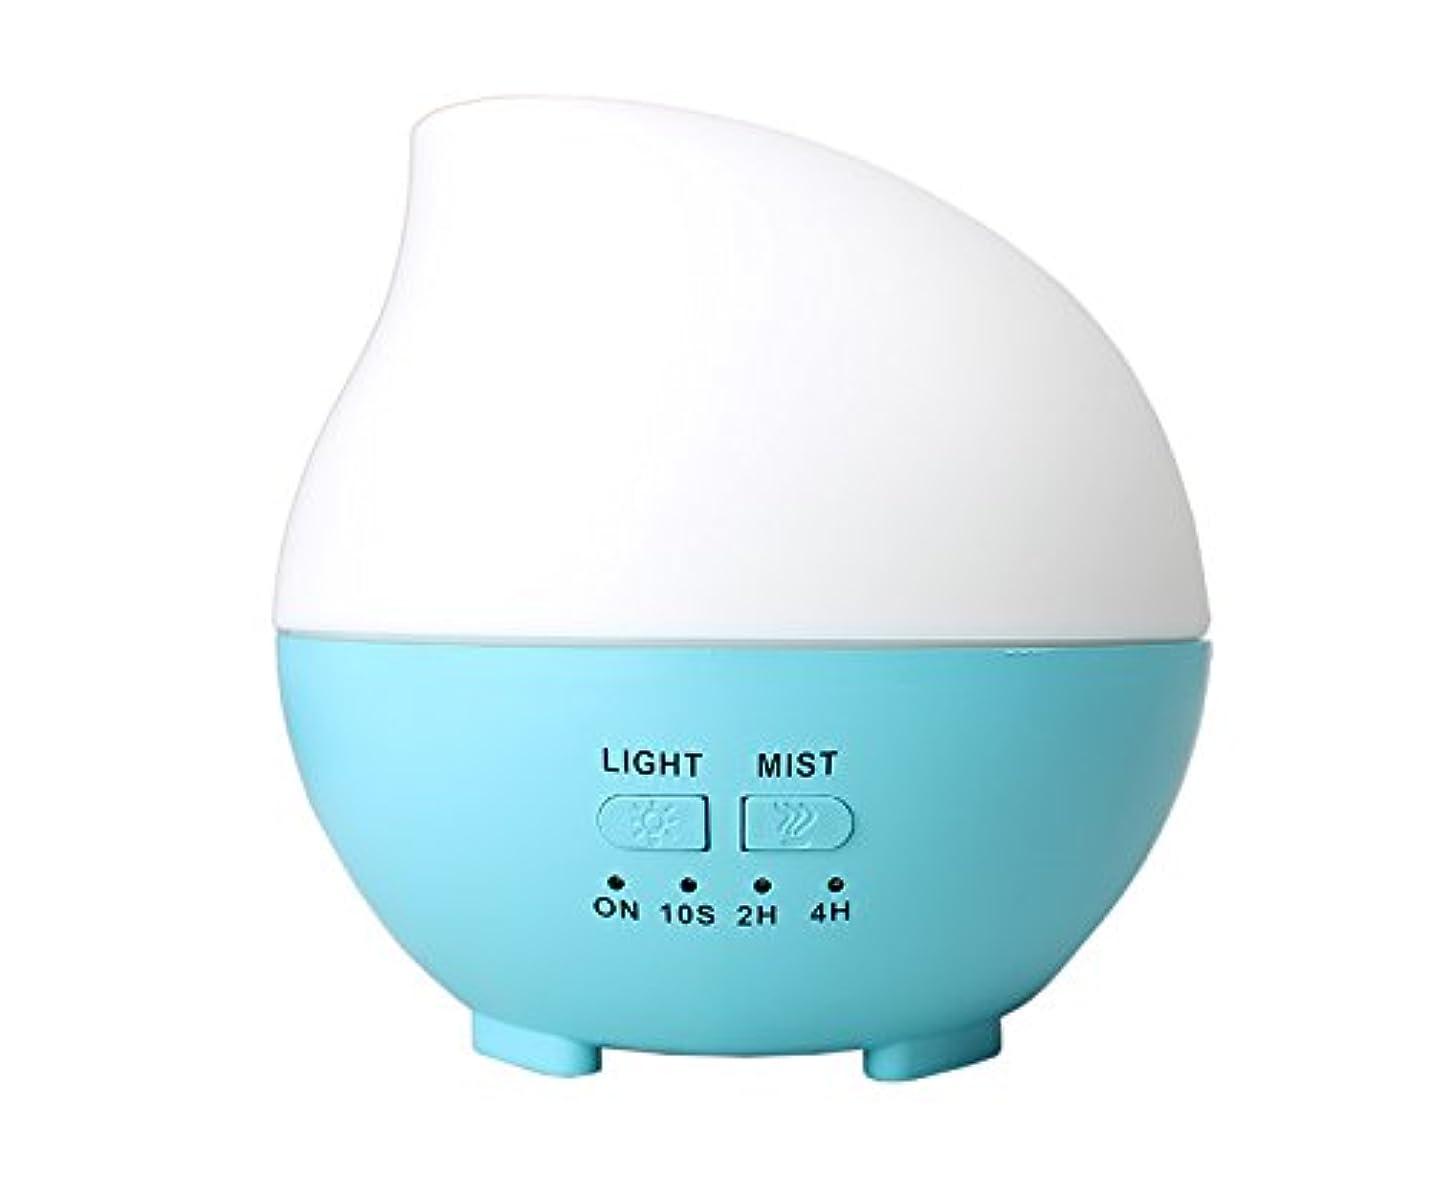 パッド誠意寄付するLIBESON 加湿器 卓上 超音波 静音大容量 アロマディフューザー コンセント差し込み式 ムードランプ シンプル ホイップ型 ブルー